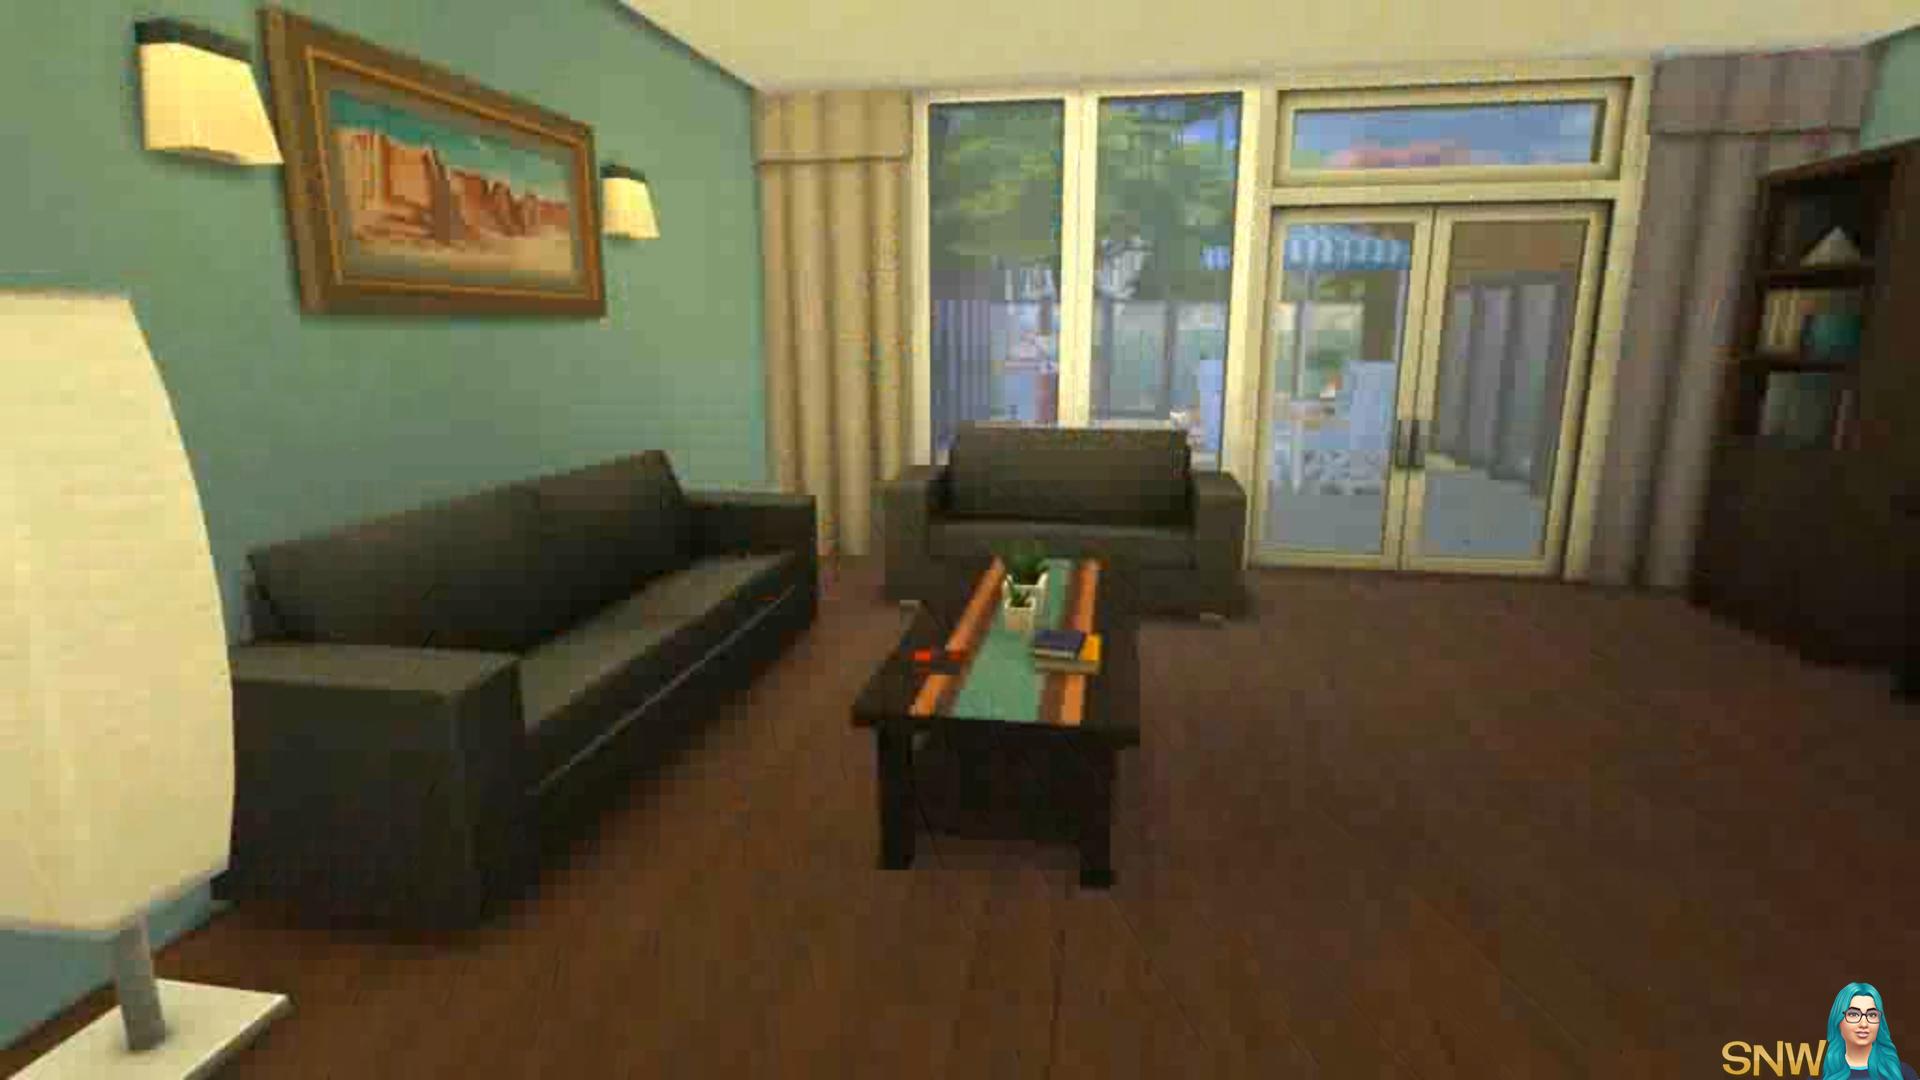 Mijn real life huis in de sims 4 snw - Mijn home design ...